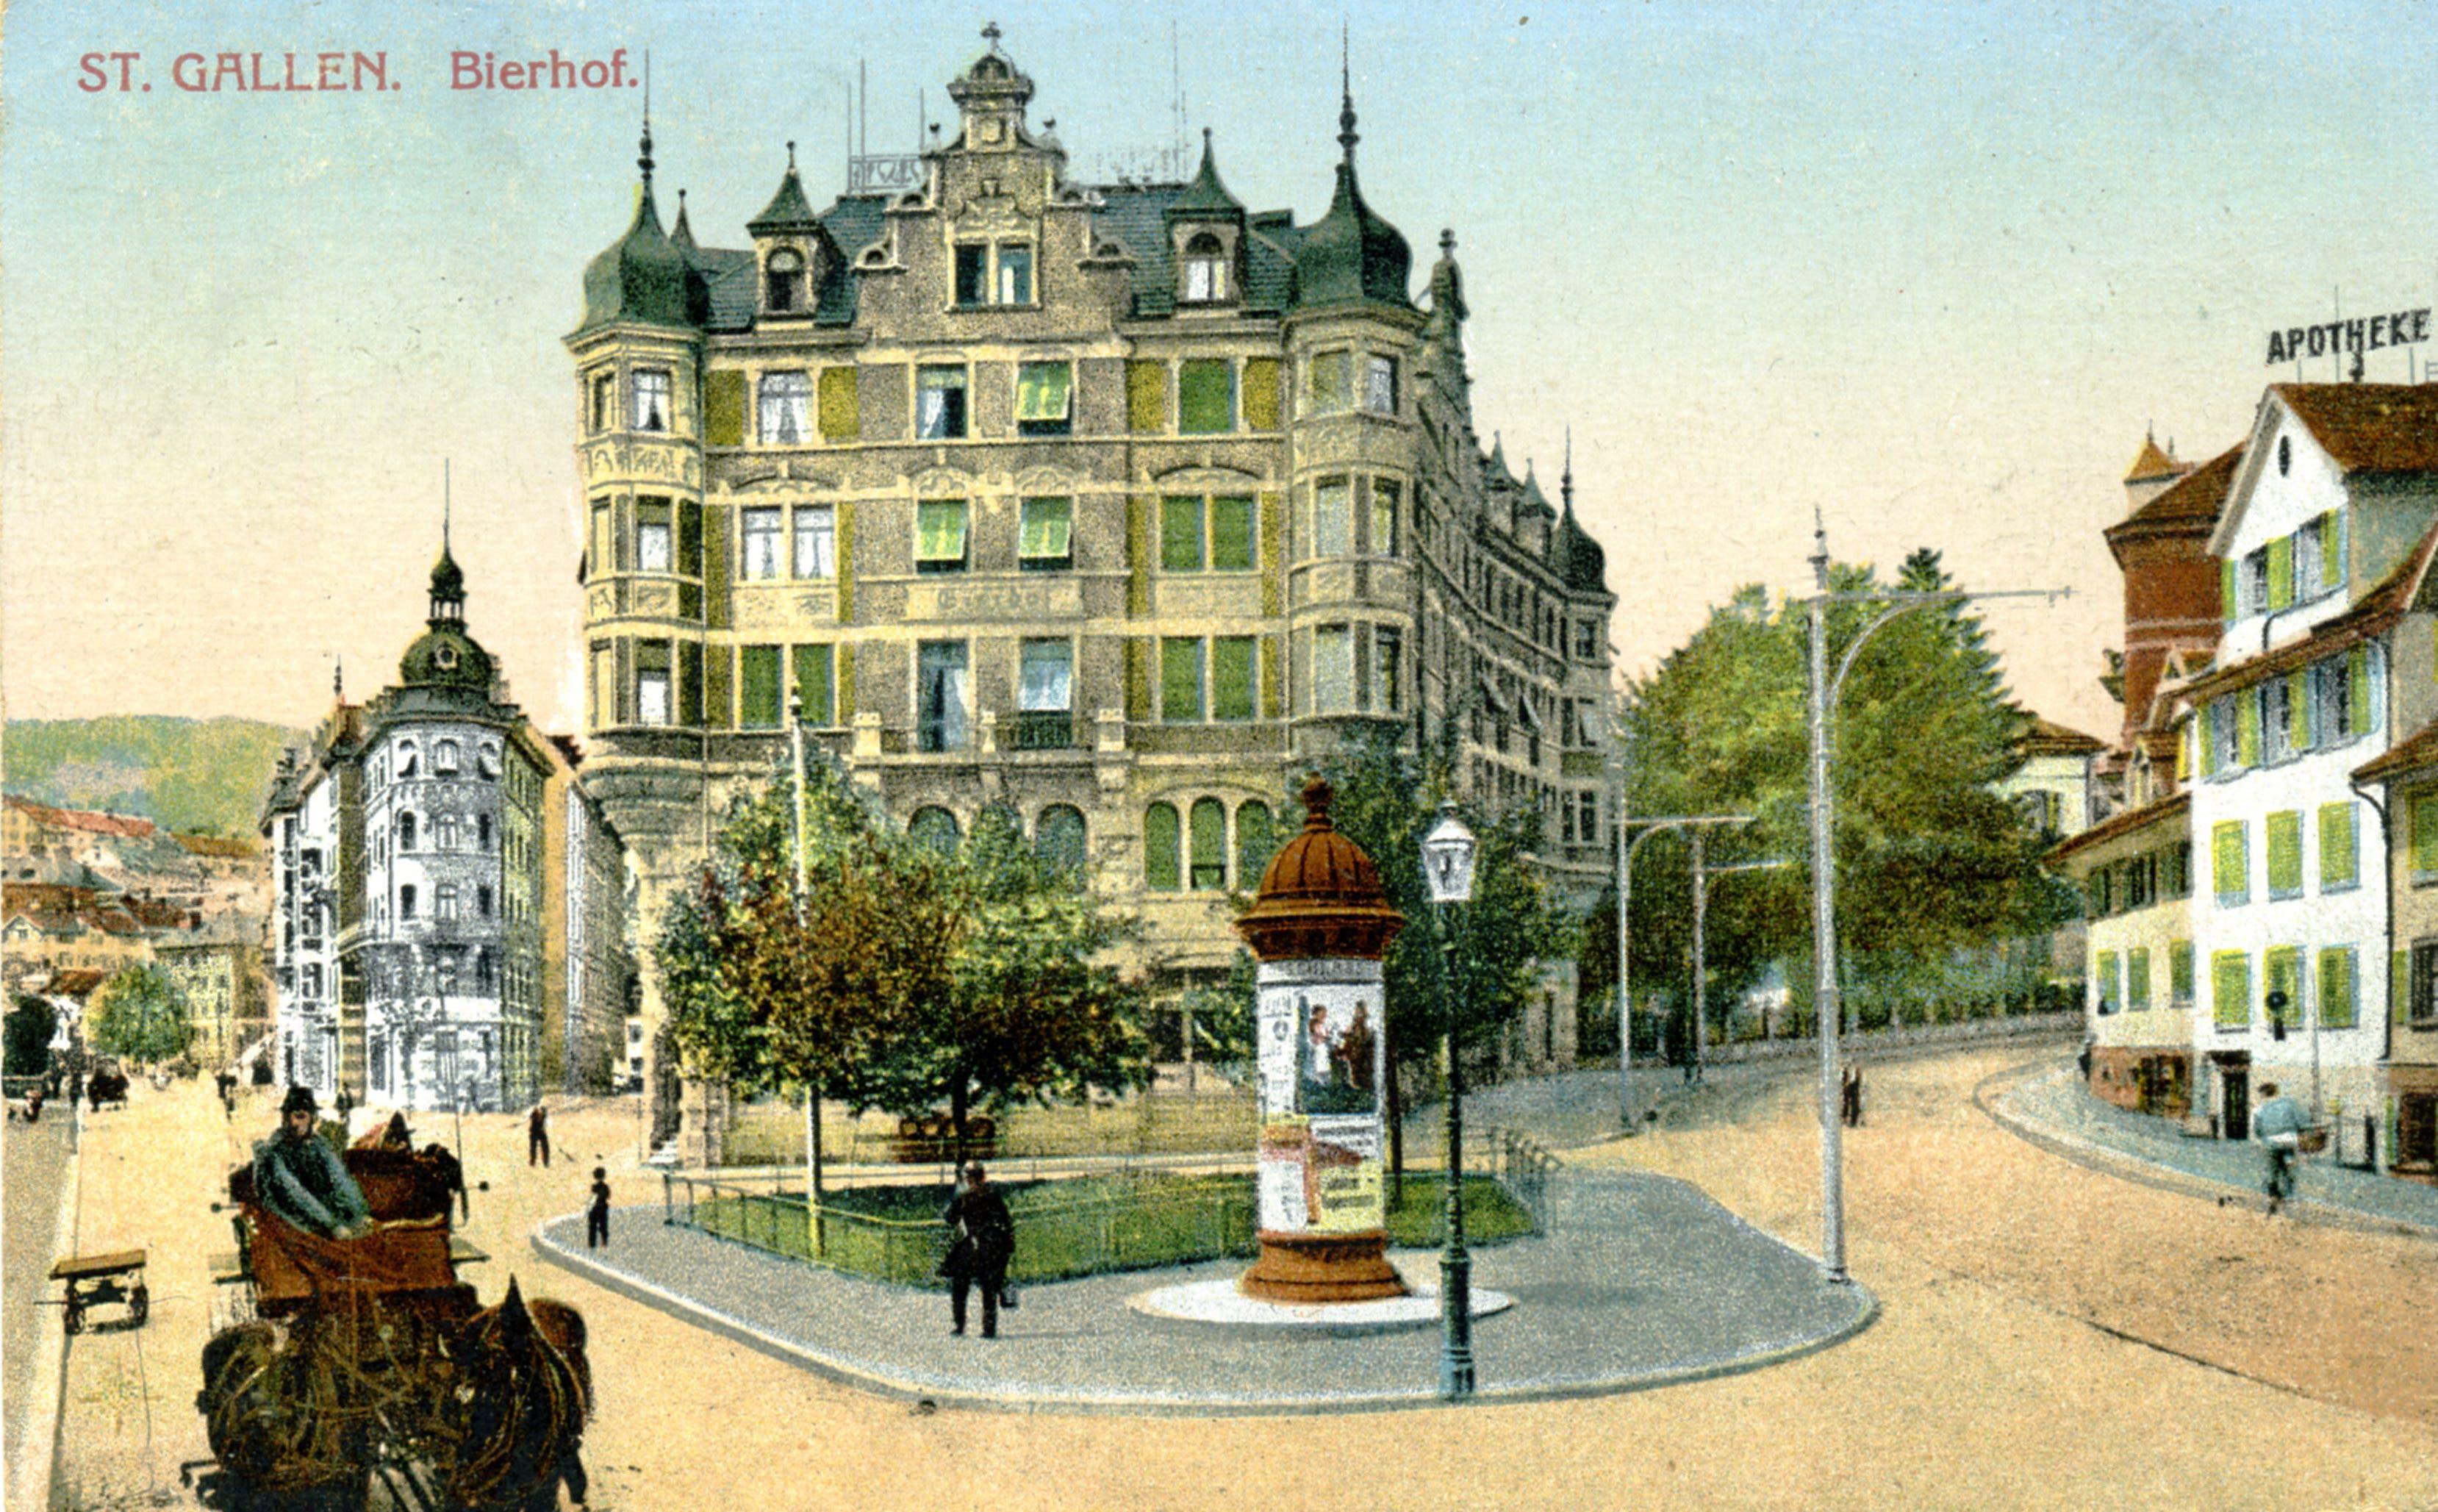 Der «Bierhof» an der Verzweigung der Rorschacher- mit der Lämmlisbrunnenstrasse auf einer Ansichtskarte, die 1922 nach Frankreich verschickt wurde. Das Haus, in dem sich heute das Fanlokal des FC St.Gallen befindet, wurde 1900 bis 1902 von Karl August Hiller gebaut. Der Architekt starb während der Bauarbeiten an einer Krankheit. Auftraggeber war Arnold Billwiller, der damalige Eigentümer der Brauerei Schützengarten. Seit dem 14. Jahrhundert ist für diesen Standort das Badhaus Lämmlisbrunnen nachgewiesen, das 1835 zur Brauerei Bierhof umgebaut wurde.